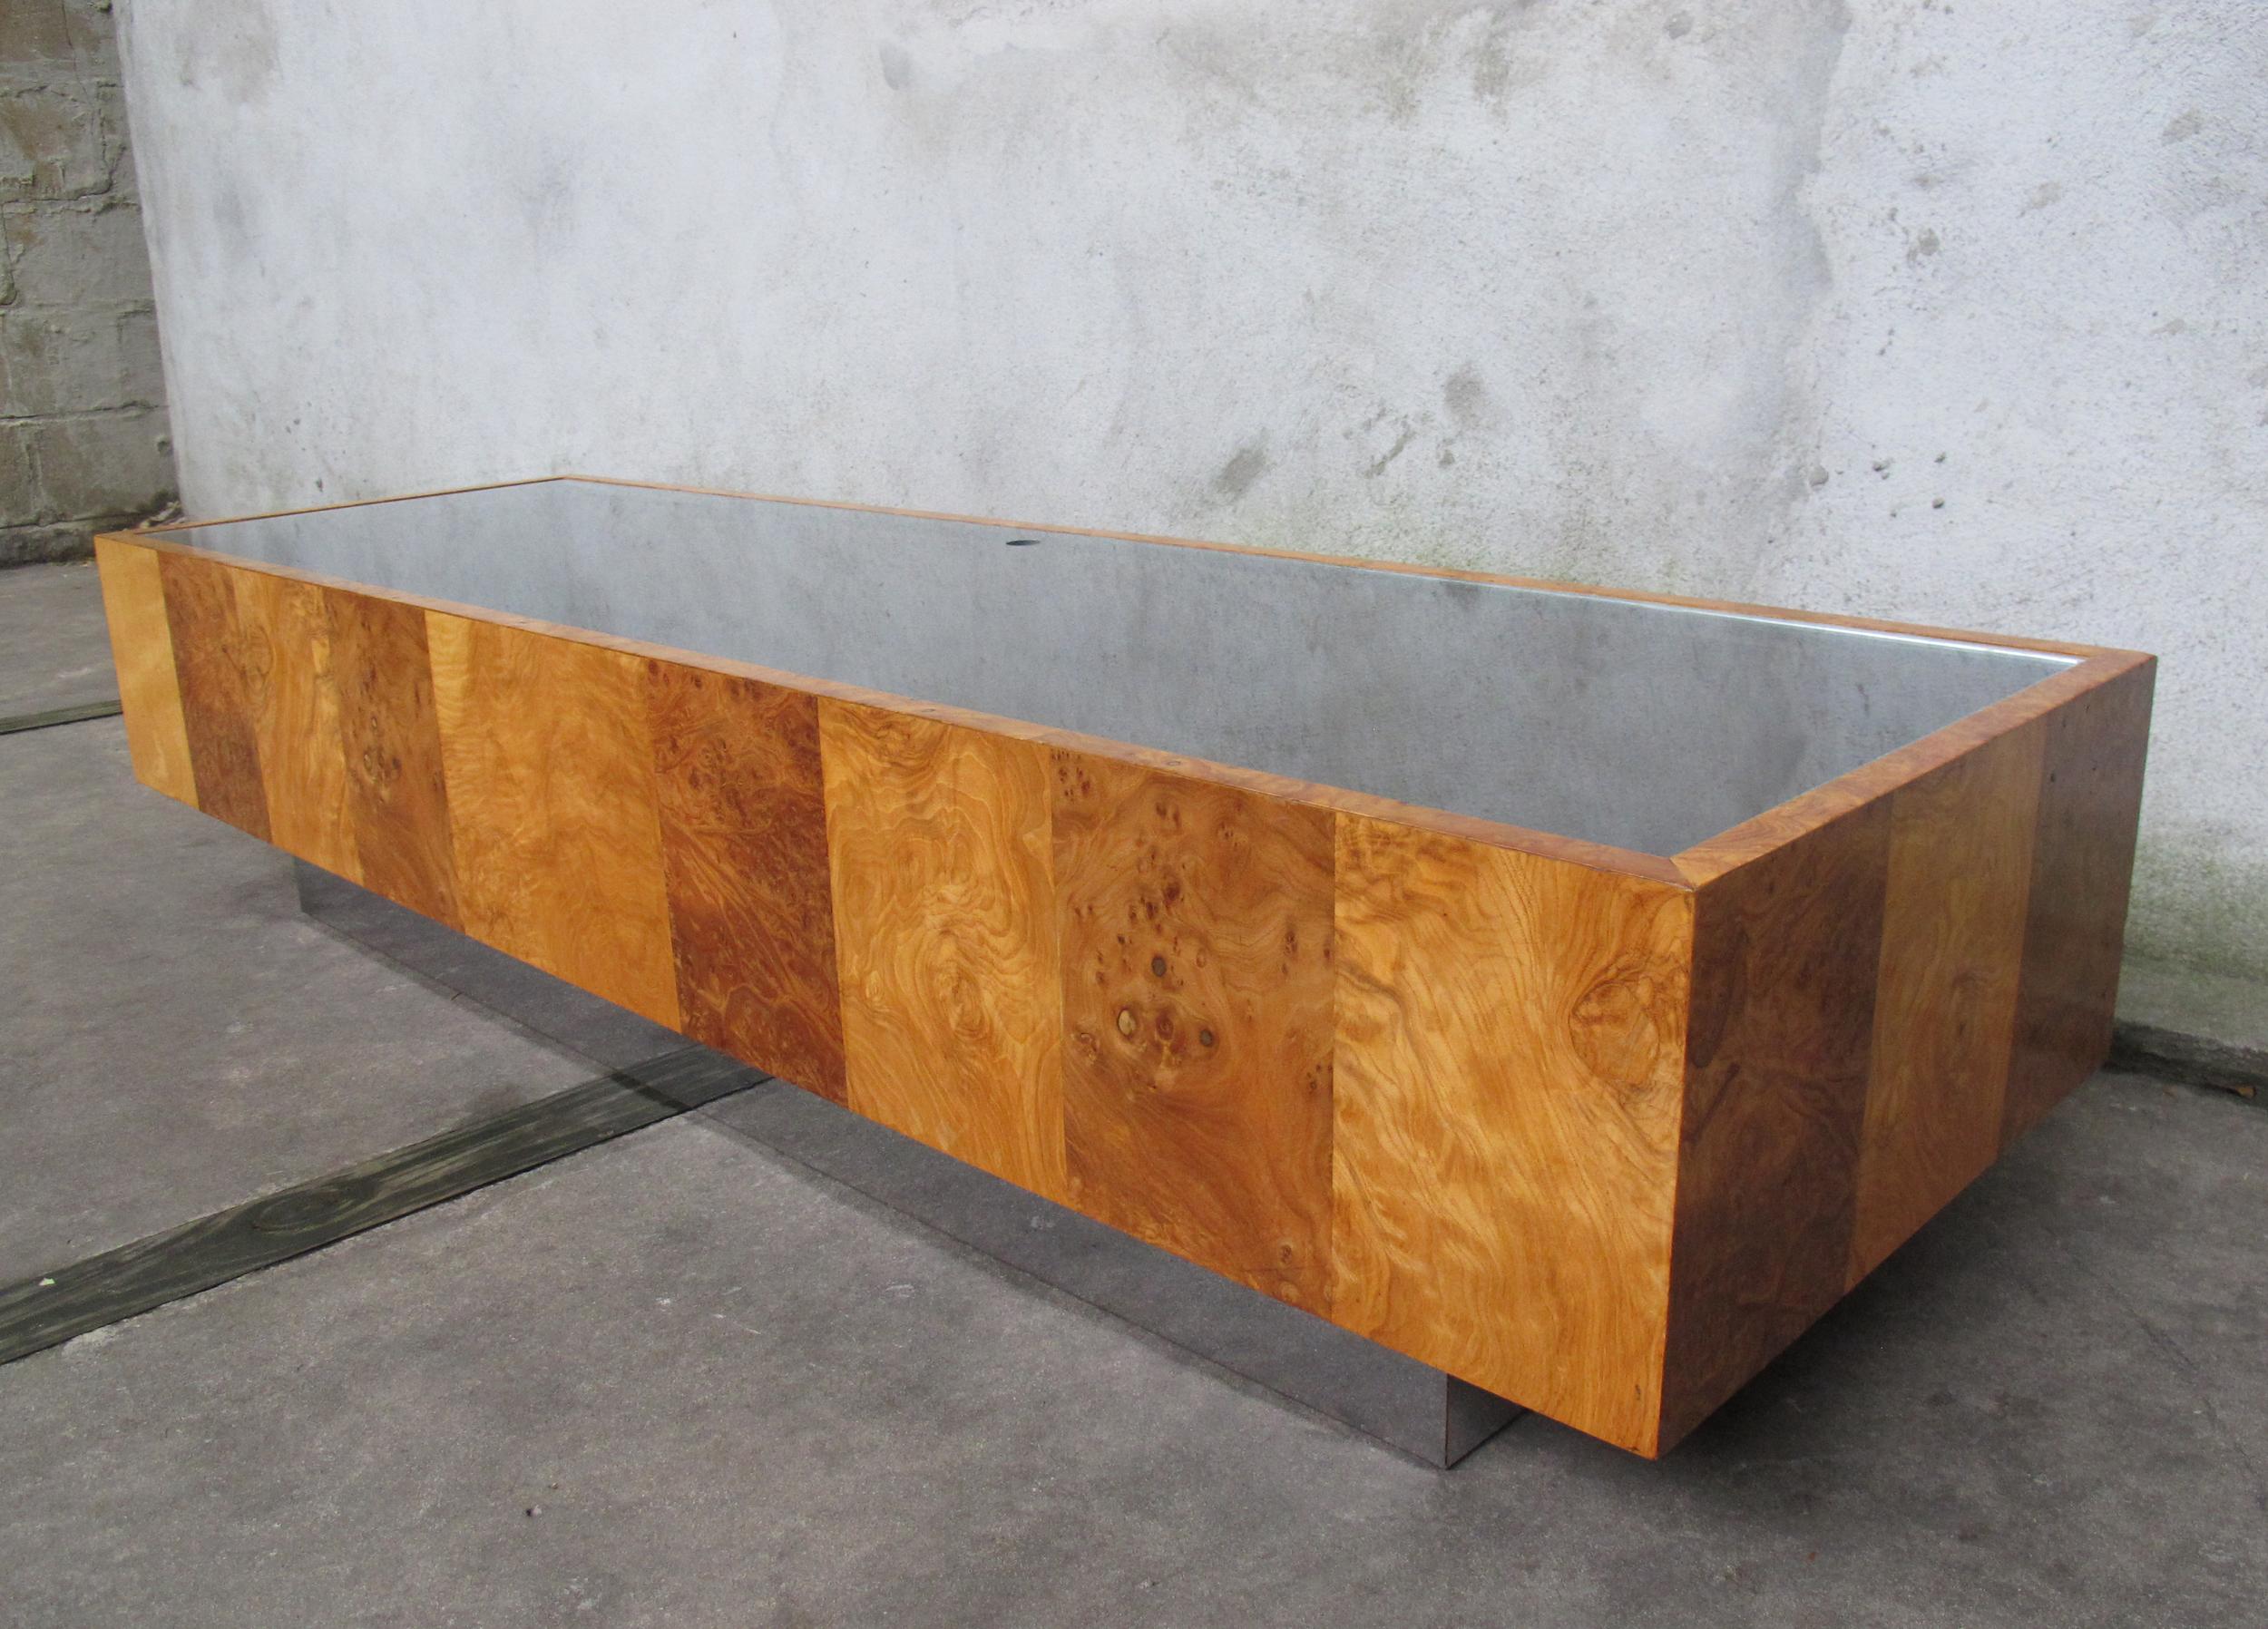 MID CENTURY BURLWOOD, GLASS & STEEL DISPLAY CASE COFFEE TABLE